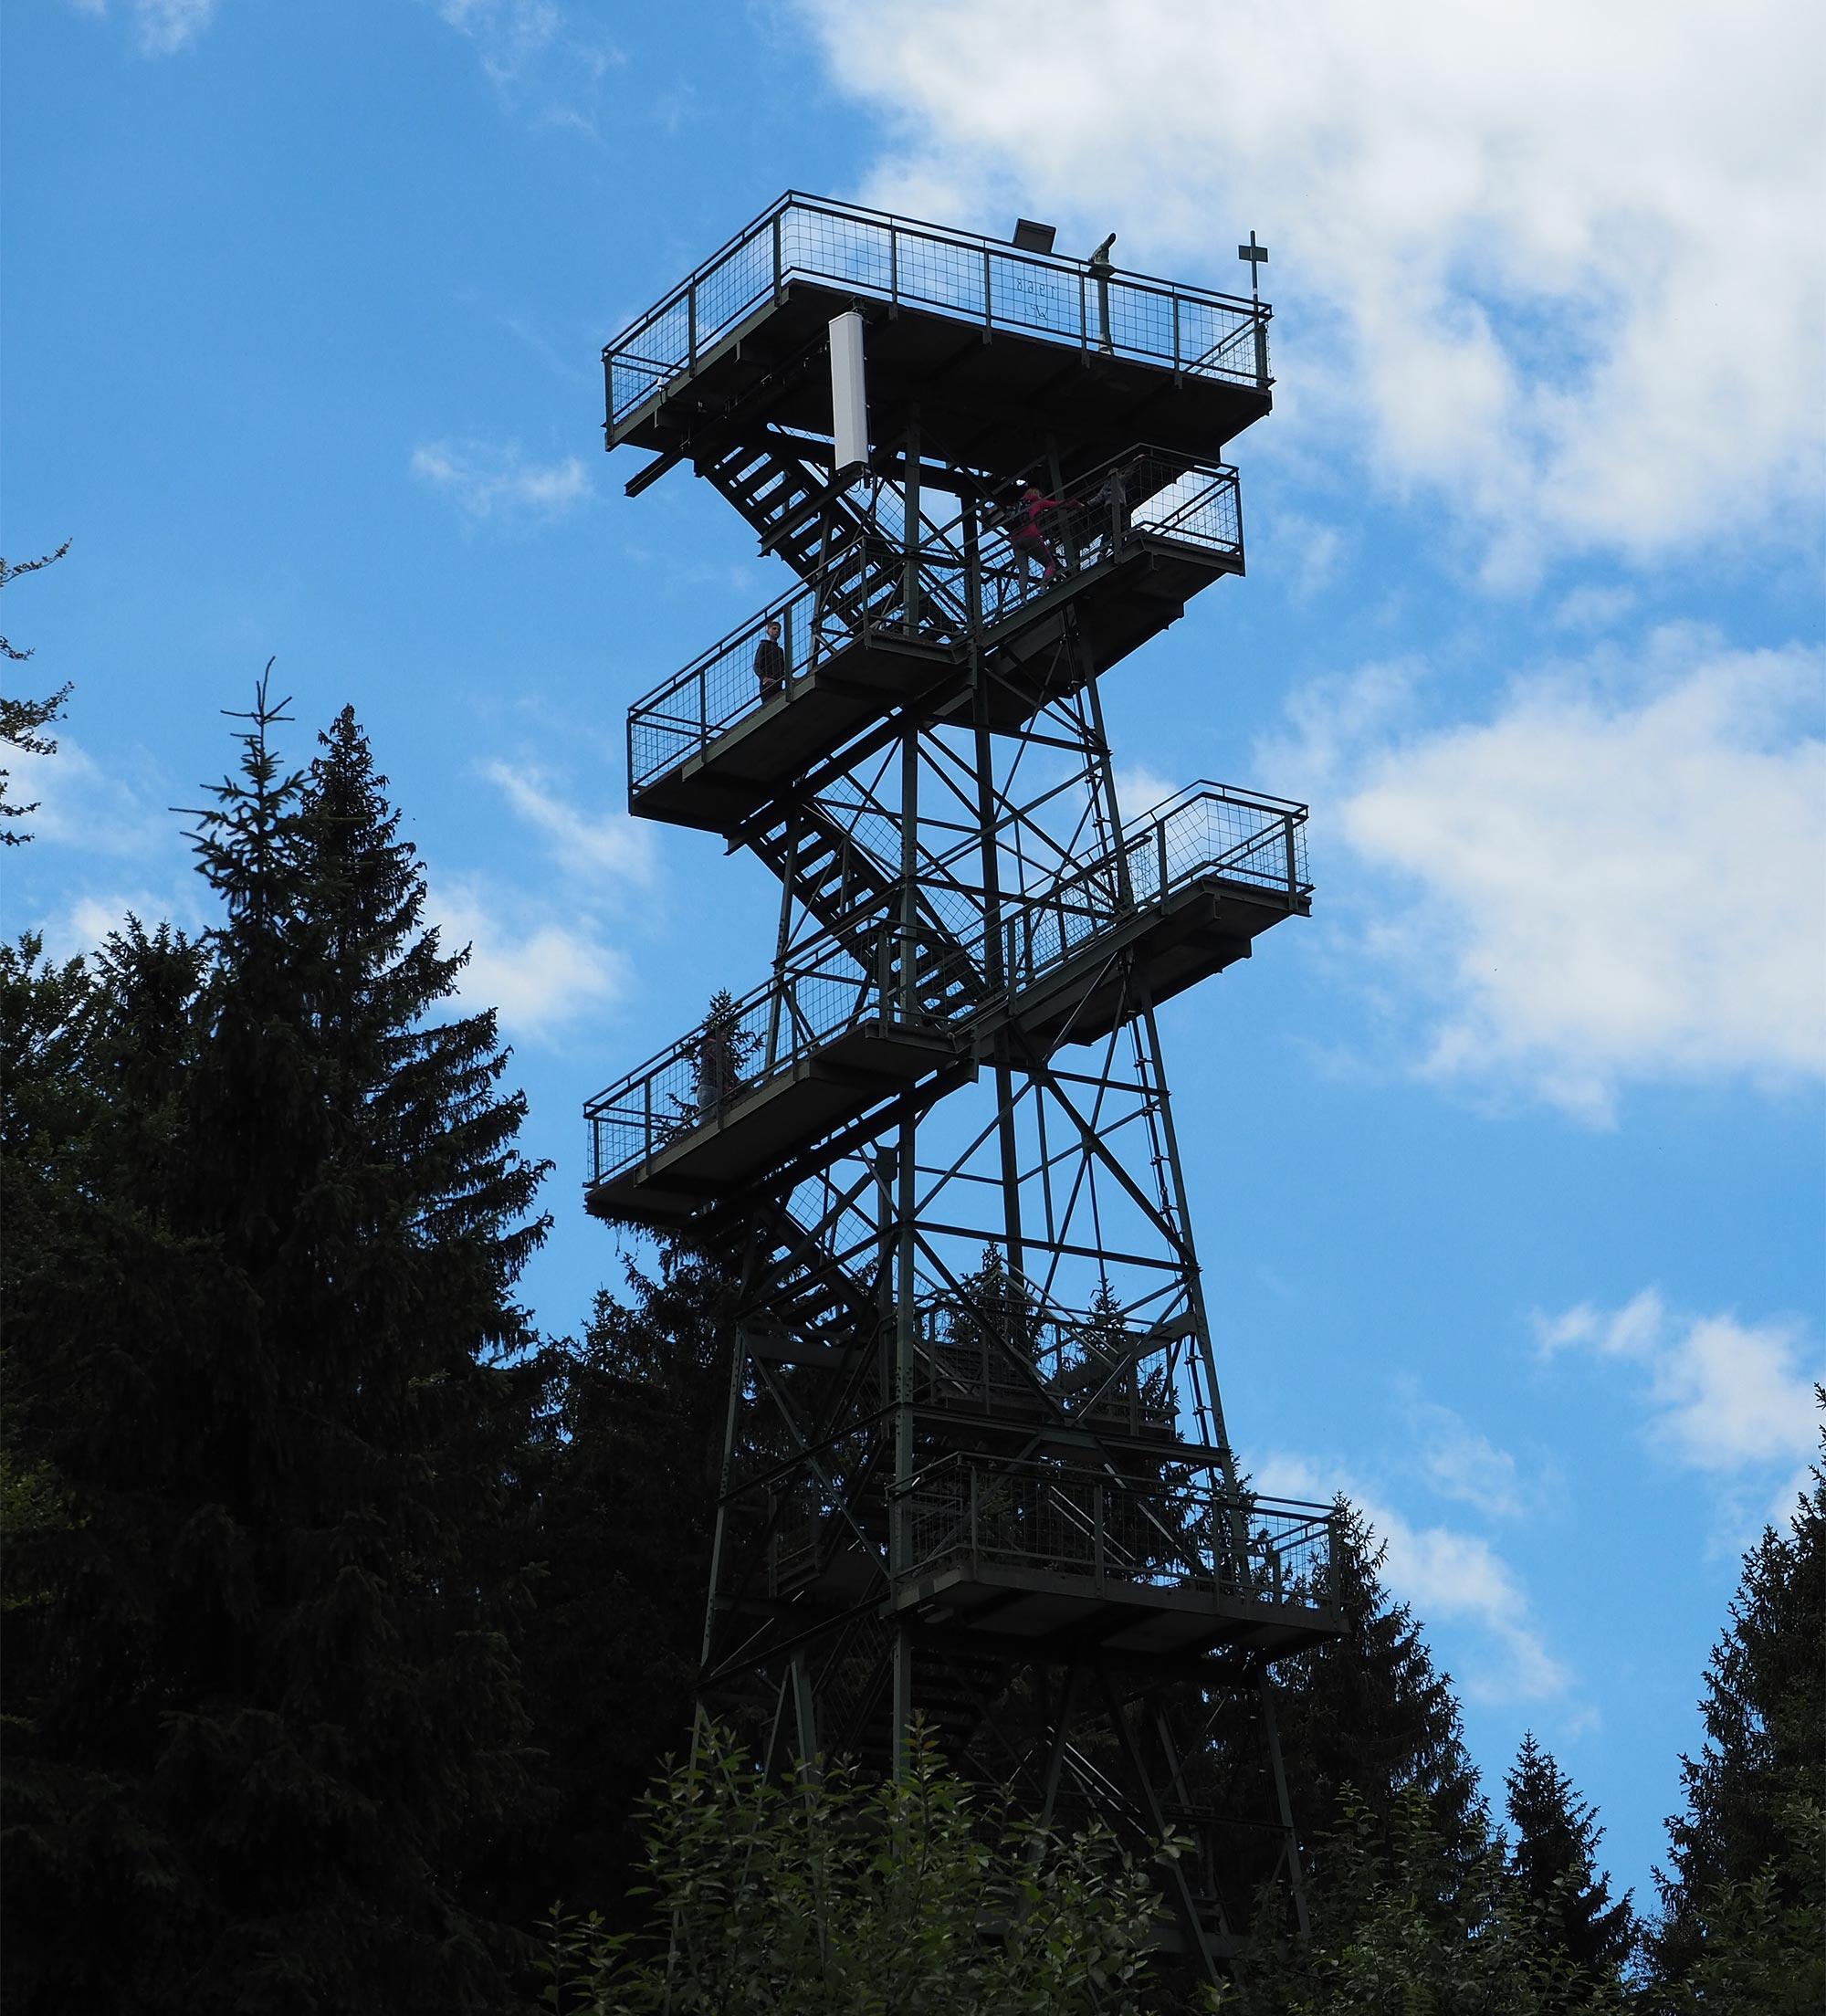 Vom Aussichtsturm Moldaublick genießt man einen wunderbaren Blick auf die Weite des Böhmerwalds